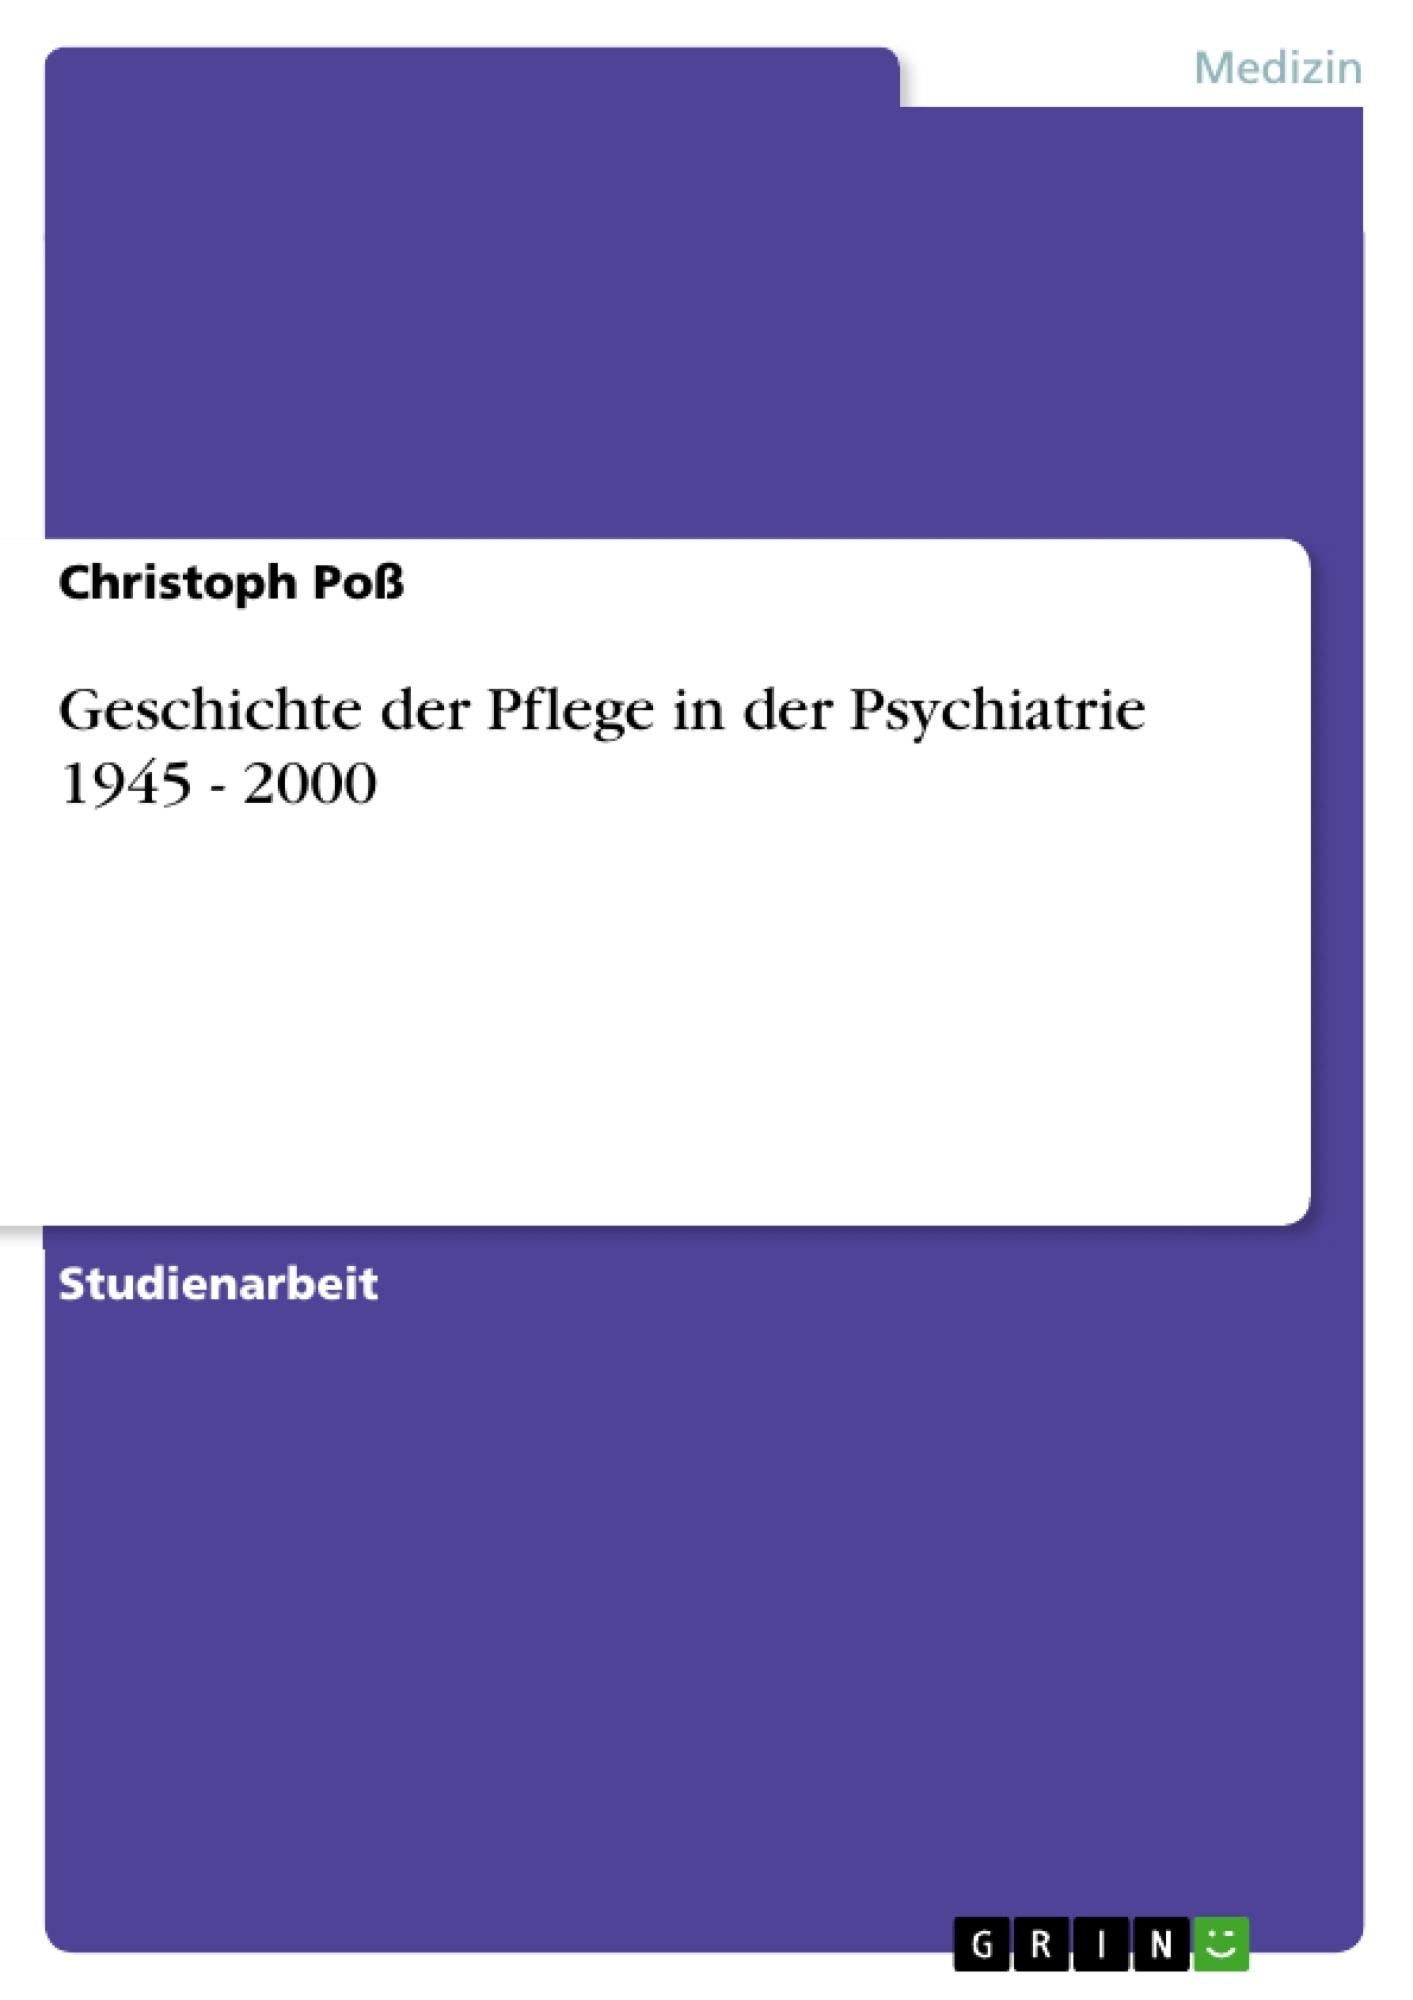 Titel: Geschichte der Pflege in der Psychiatrie 1945 - 2000